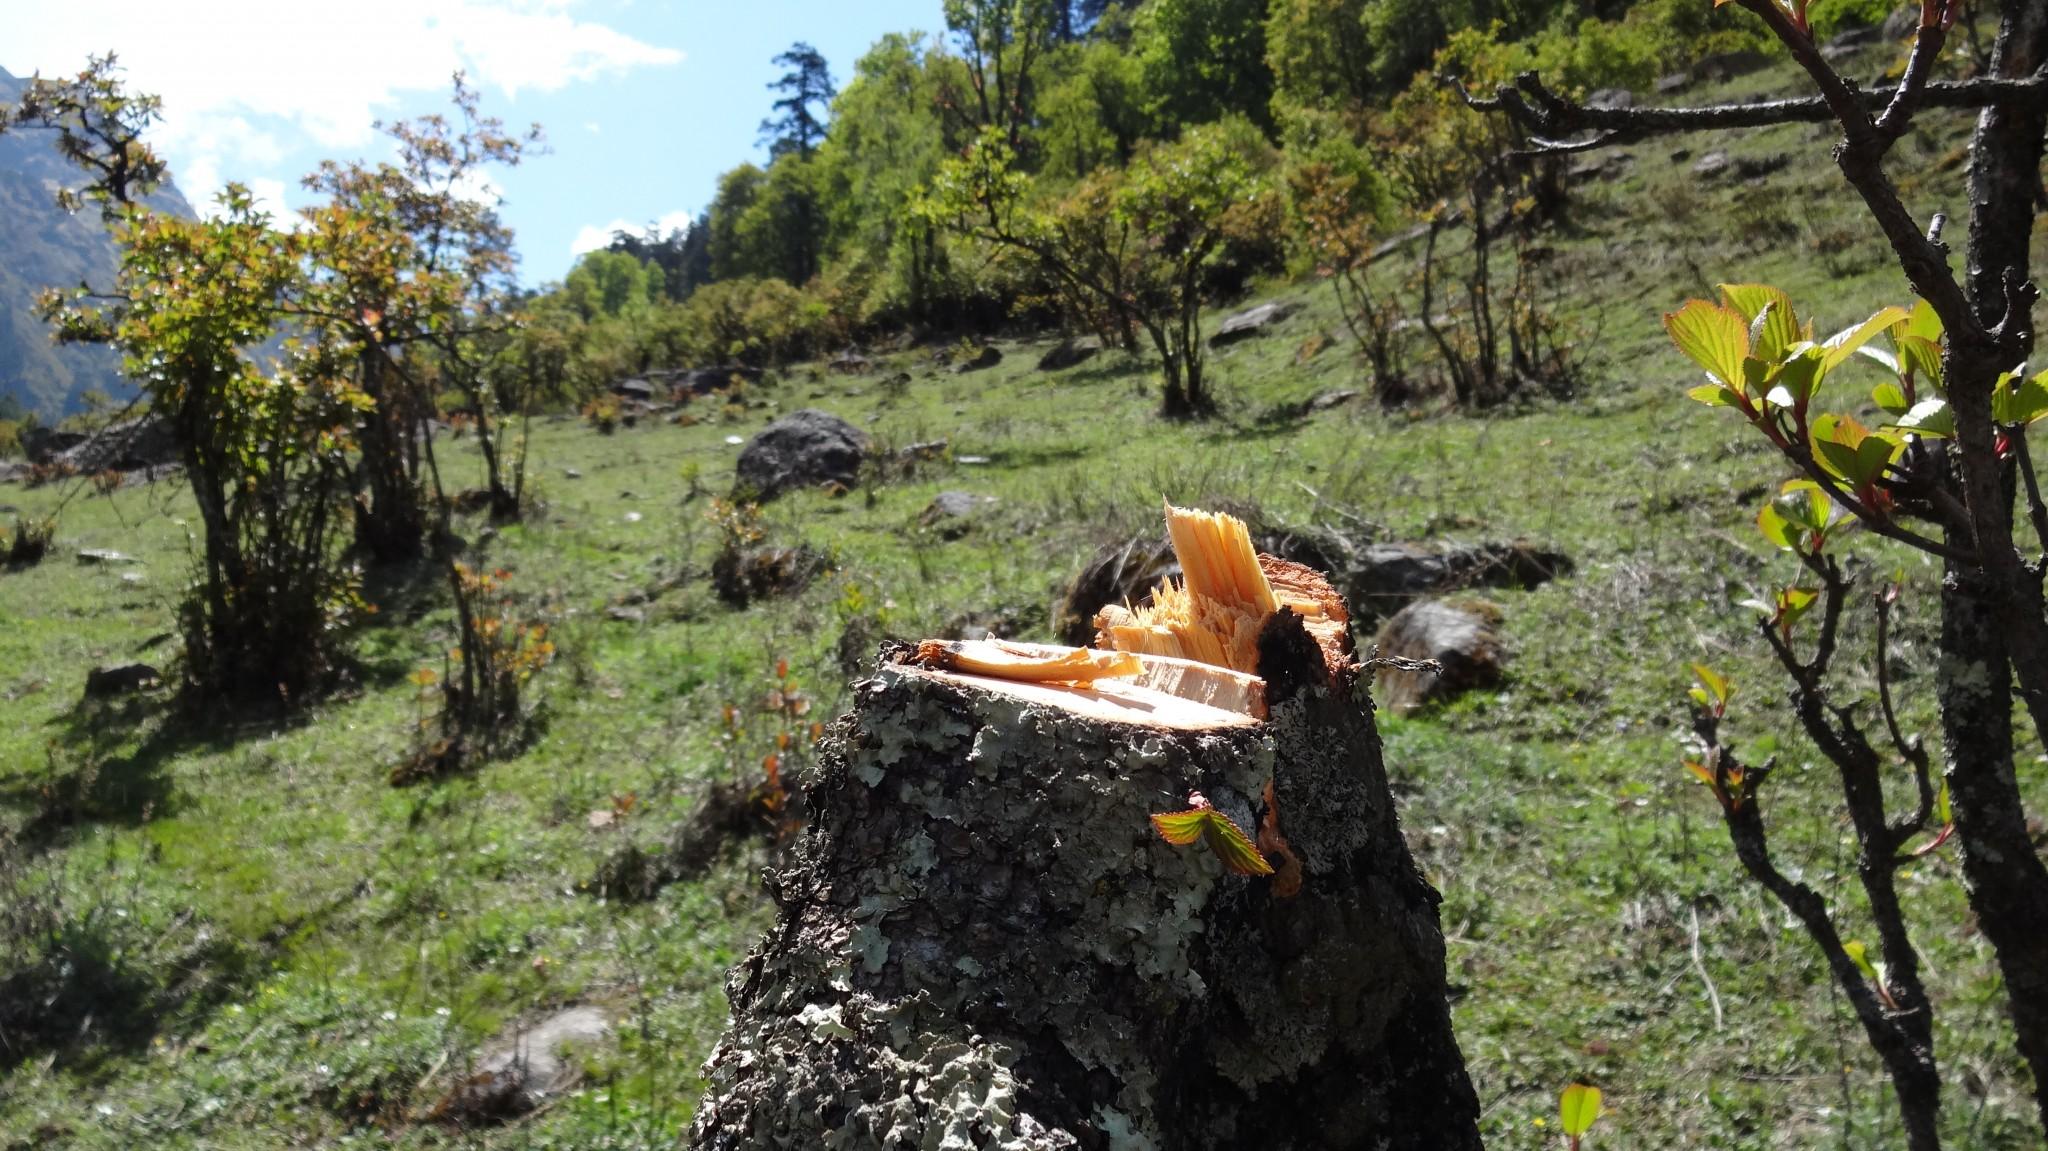 Destruction in National Park, Govind Pashu National Park